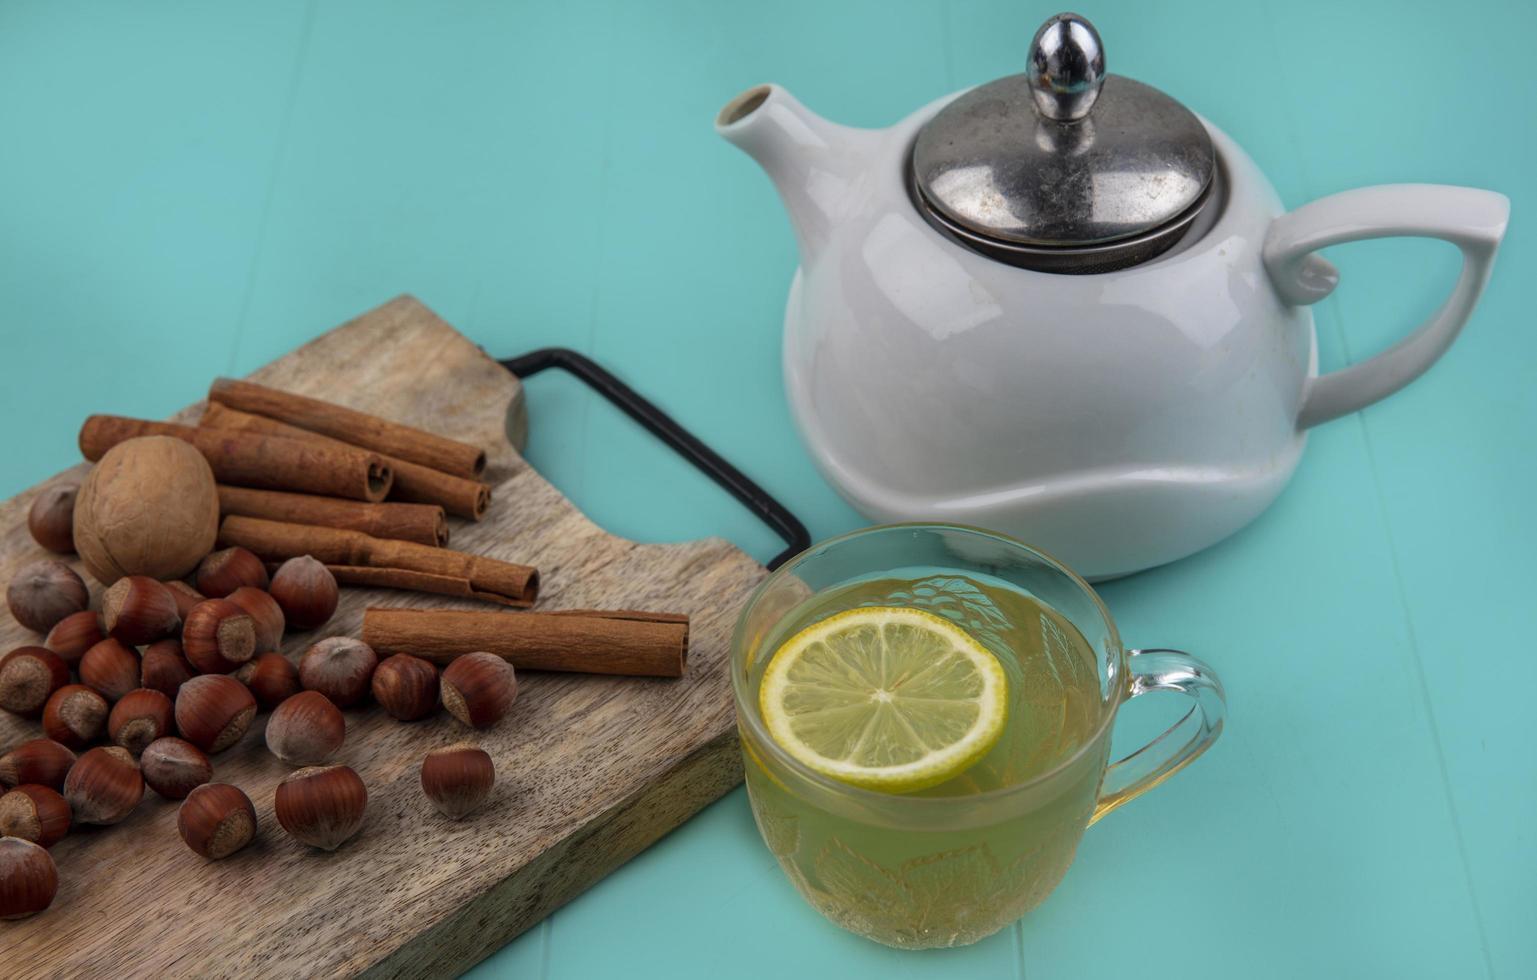 kopje thee met noten en kruiden op blauwe achtergrond foto